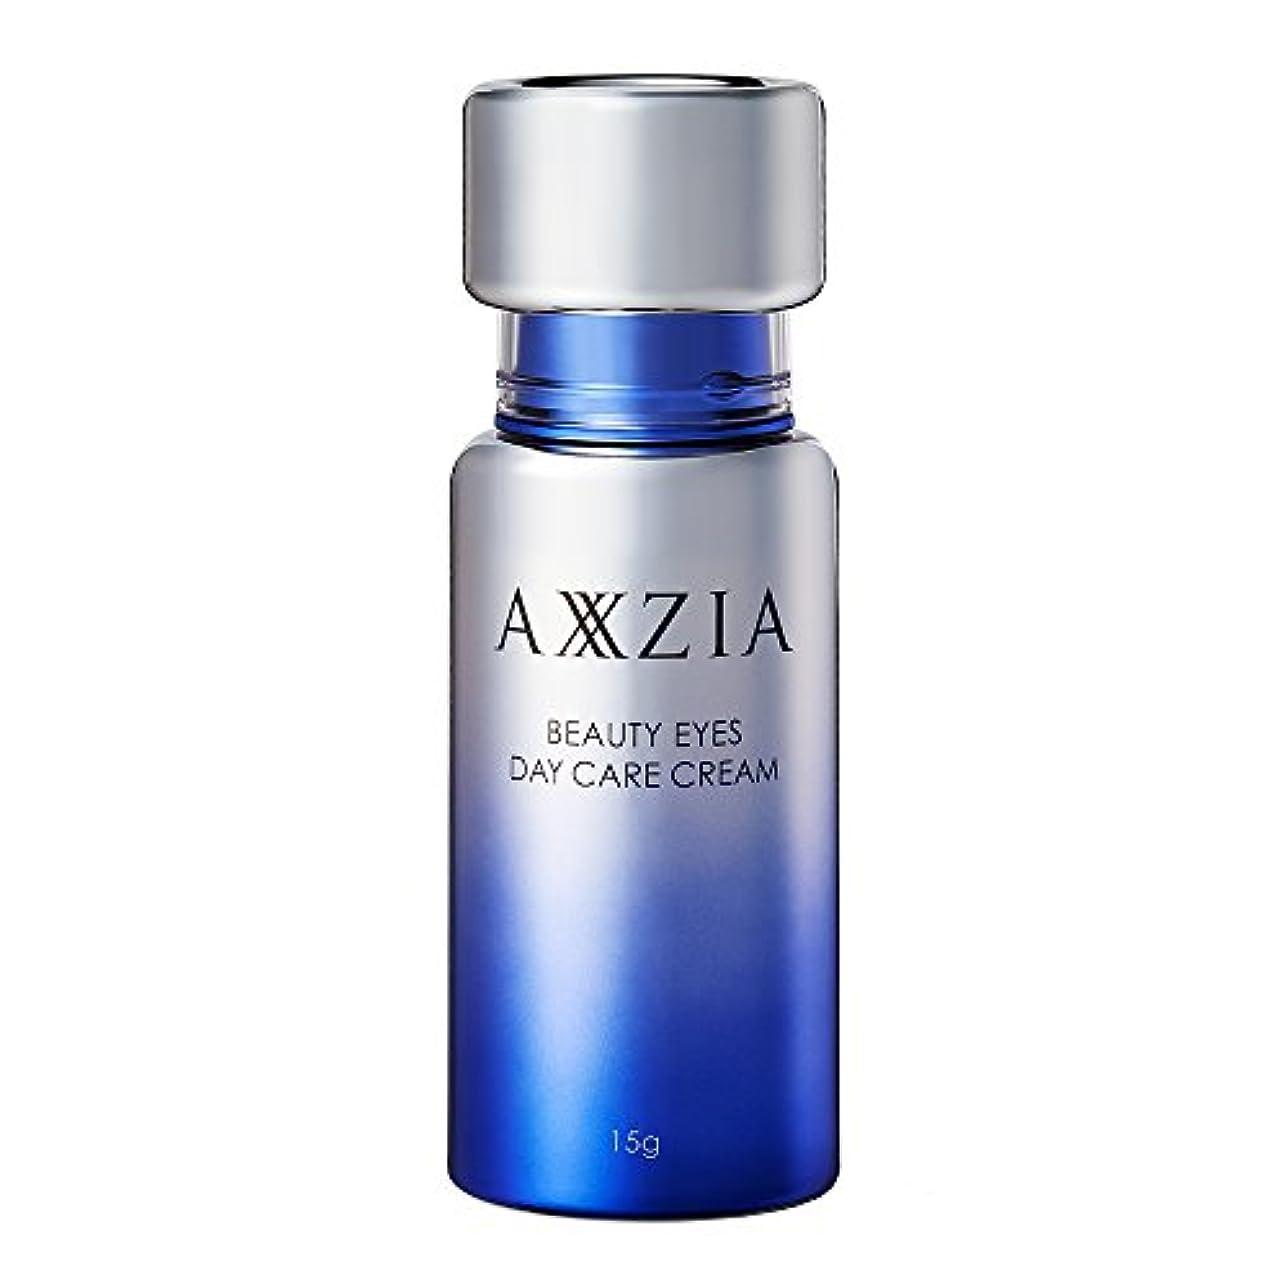 アクシージア (AXXZIA) ビューティアイズ デイ ケア クリーム 15g   アイクリーム 目の下のたるみ 化粧品 解消 目元のたるみ